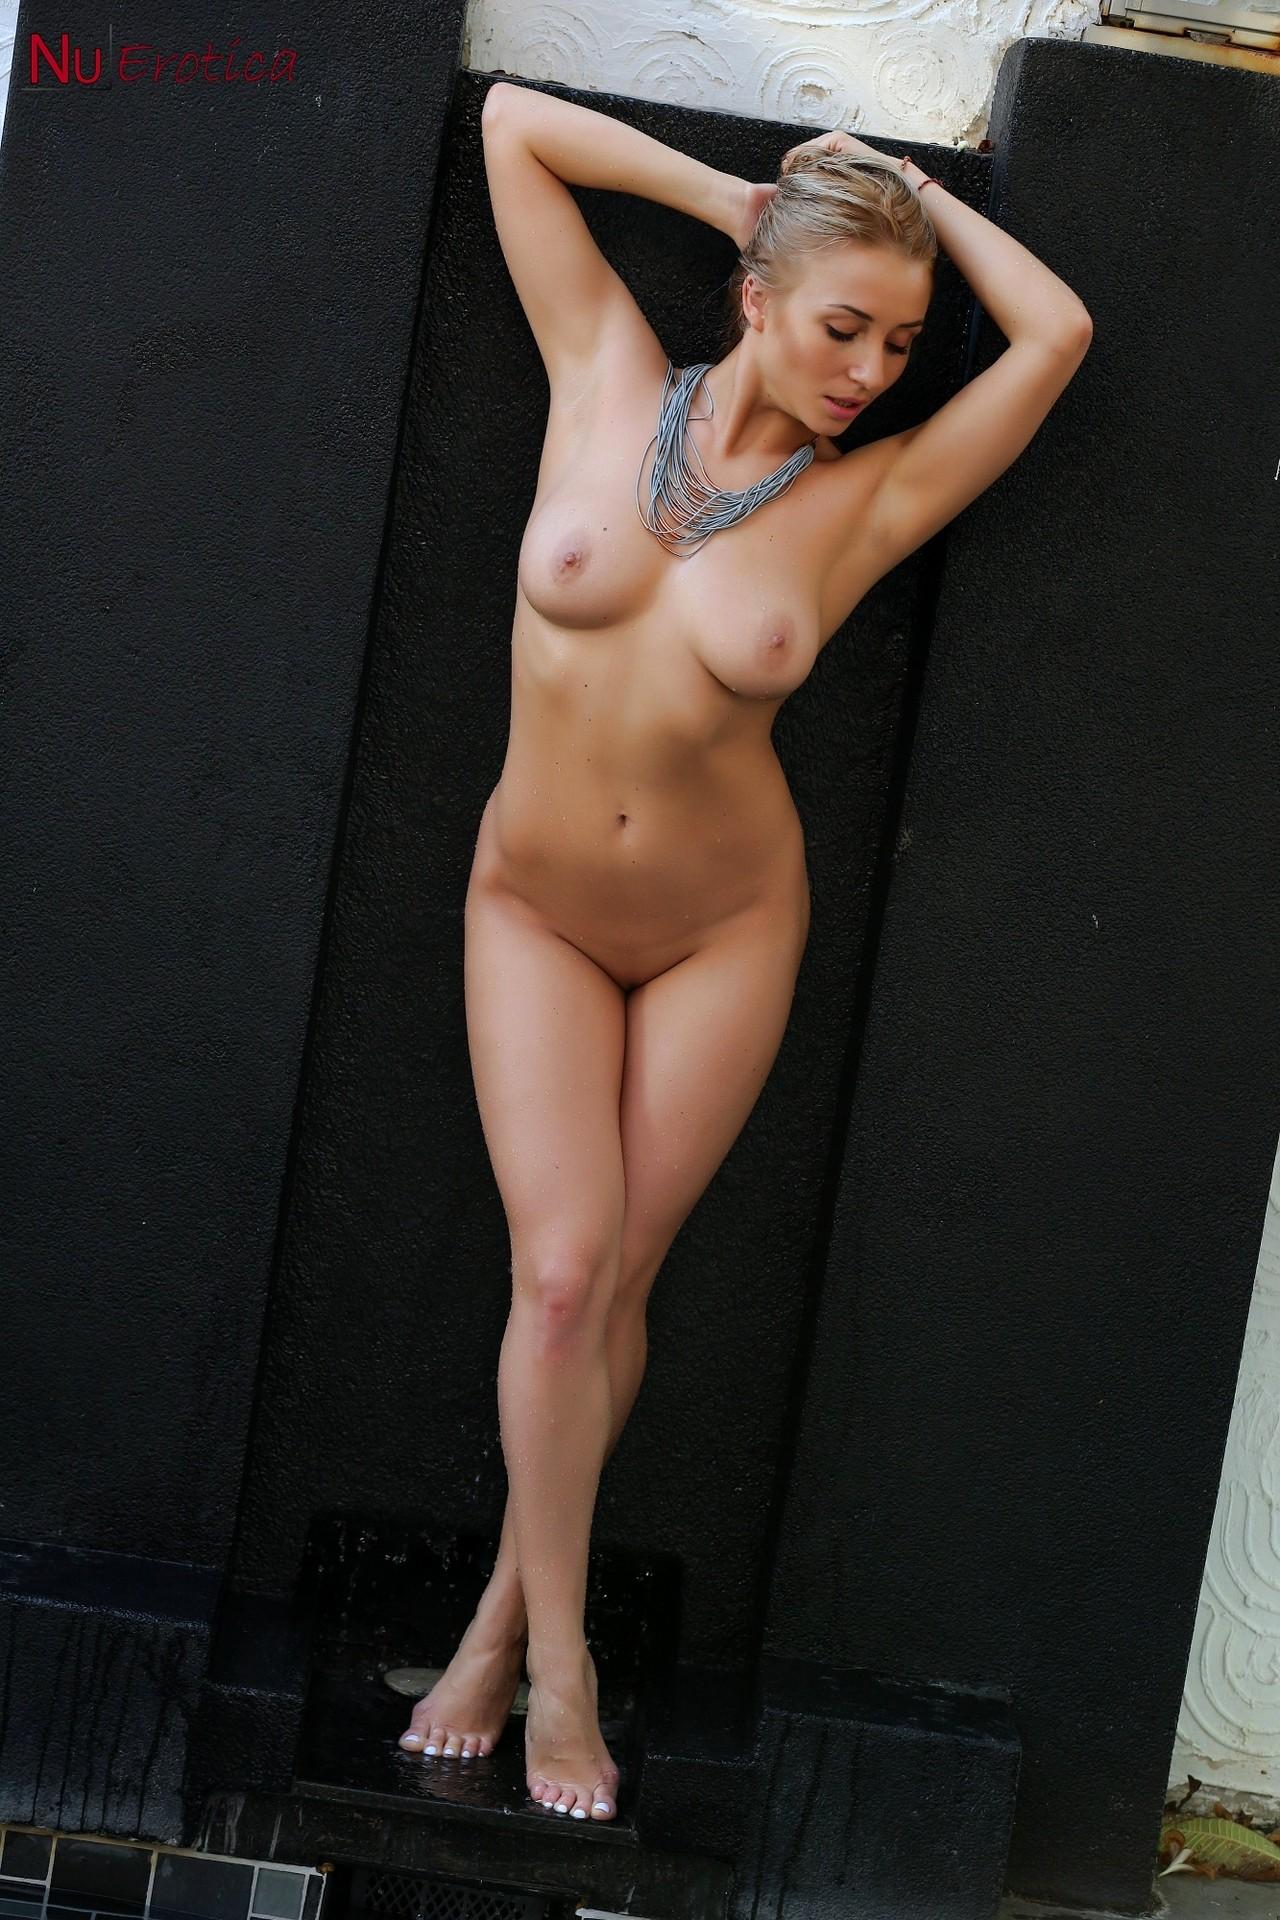 Tailandesas nude gallerie #11